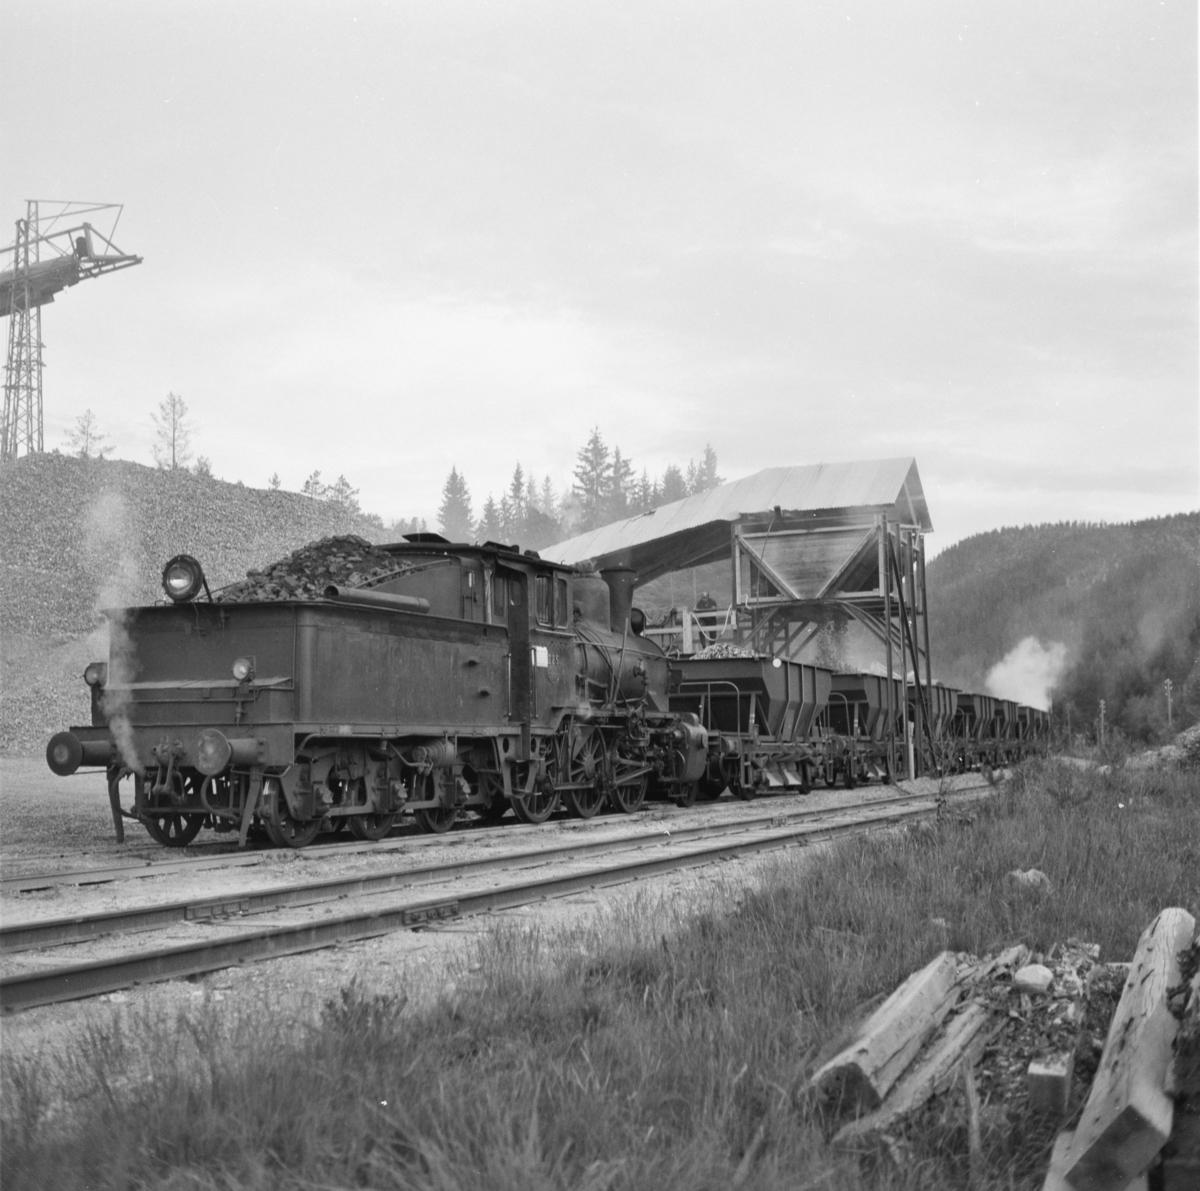 Pukktog ved Svene pukkverk trukket av damplok 21b nr. 225.